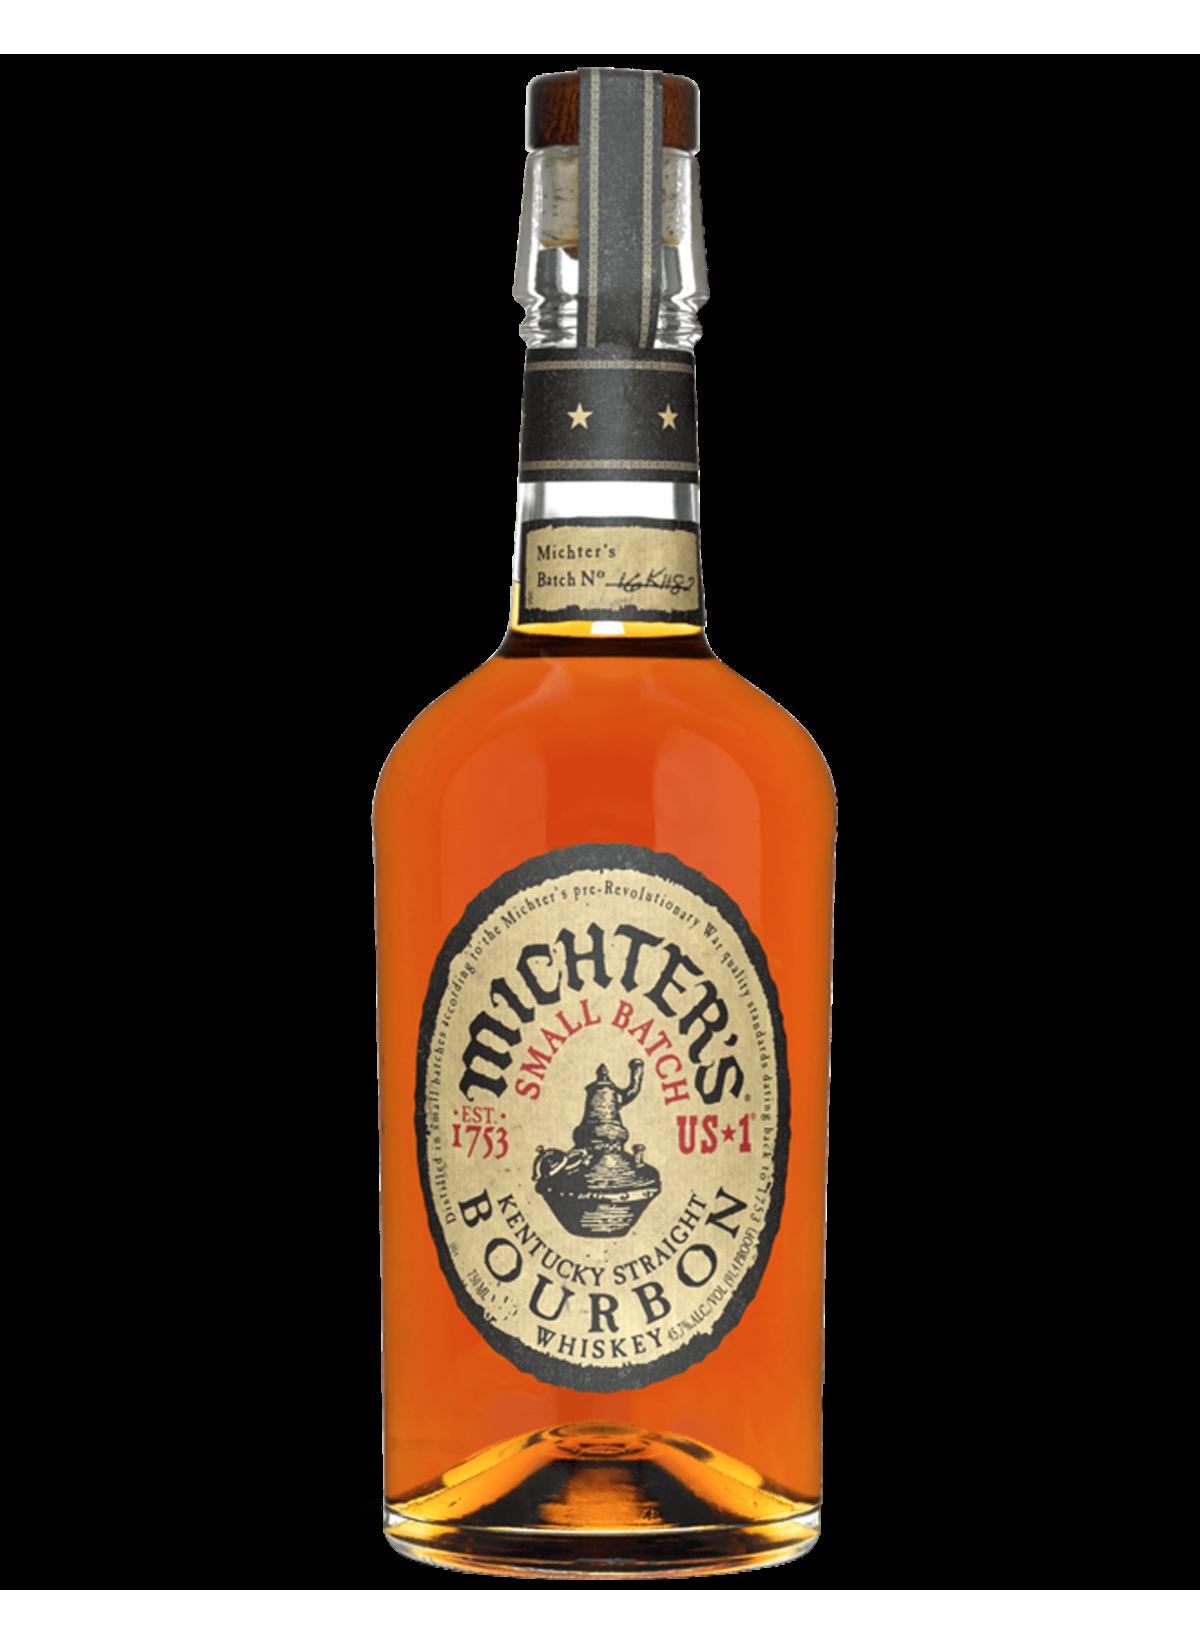 michter's bourbon whiskey